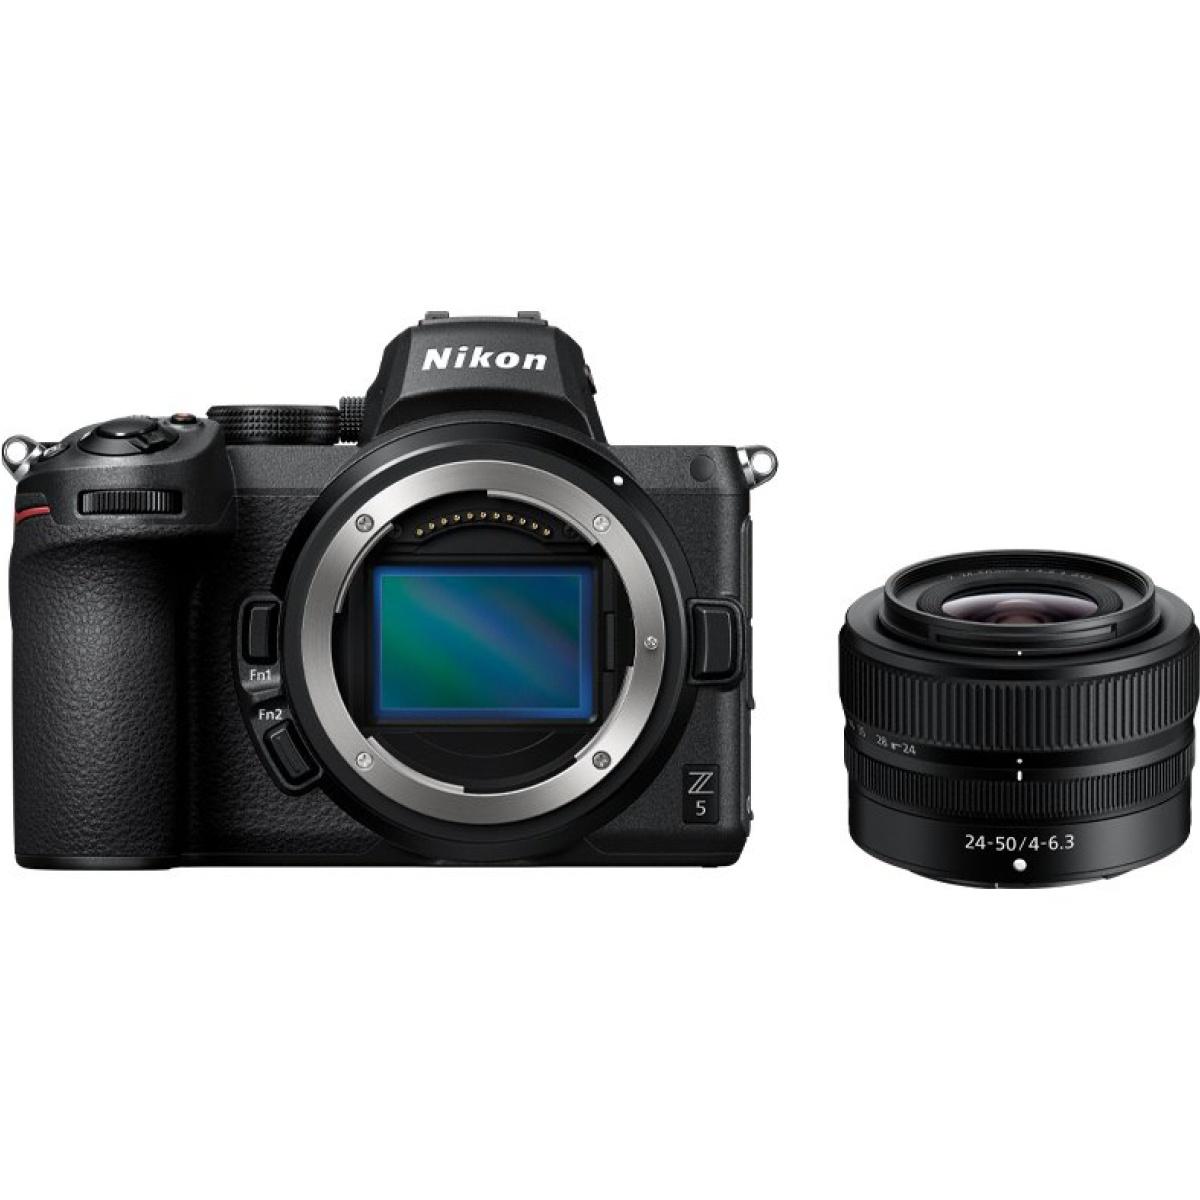 Nikon Z5 Kit mit 24-50 mm 1:4-6,3